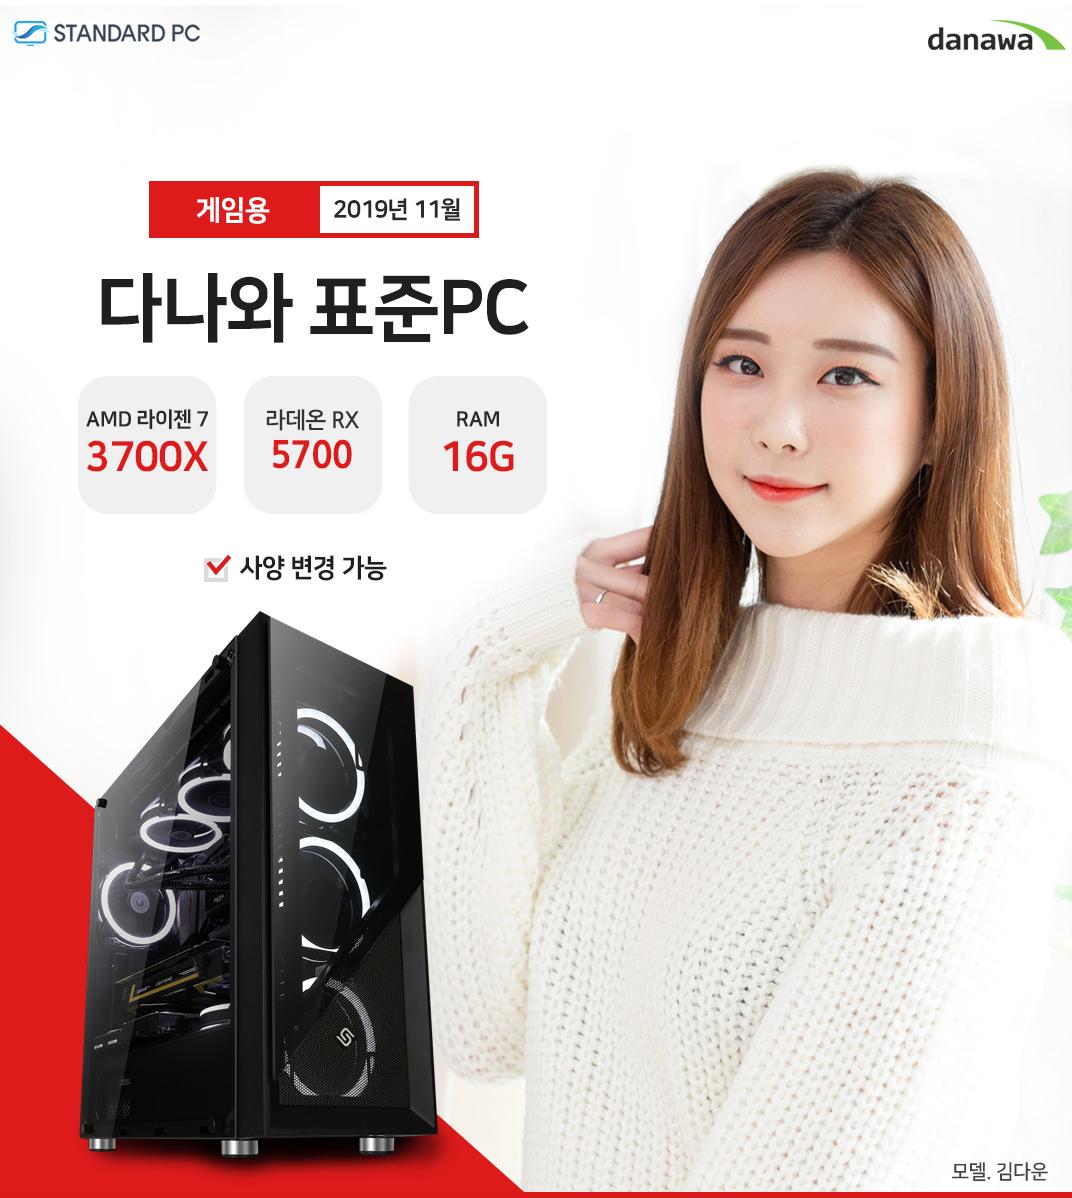 2019년 11월 다나와 표준PC 게이밍용 AMD 라이젠 7 3700X 라데온 RX 5700 RAM 16G 모델 문가경